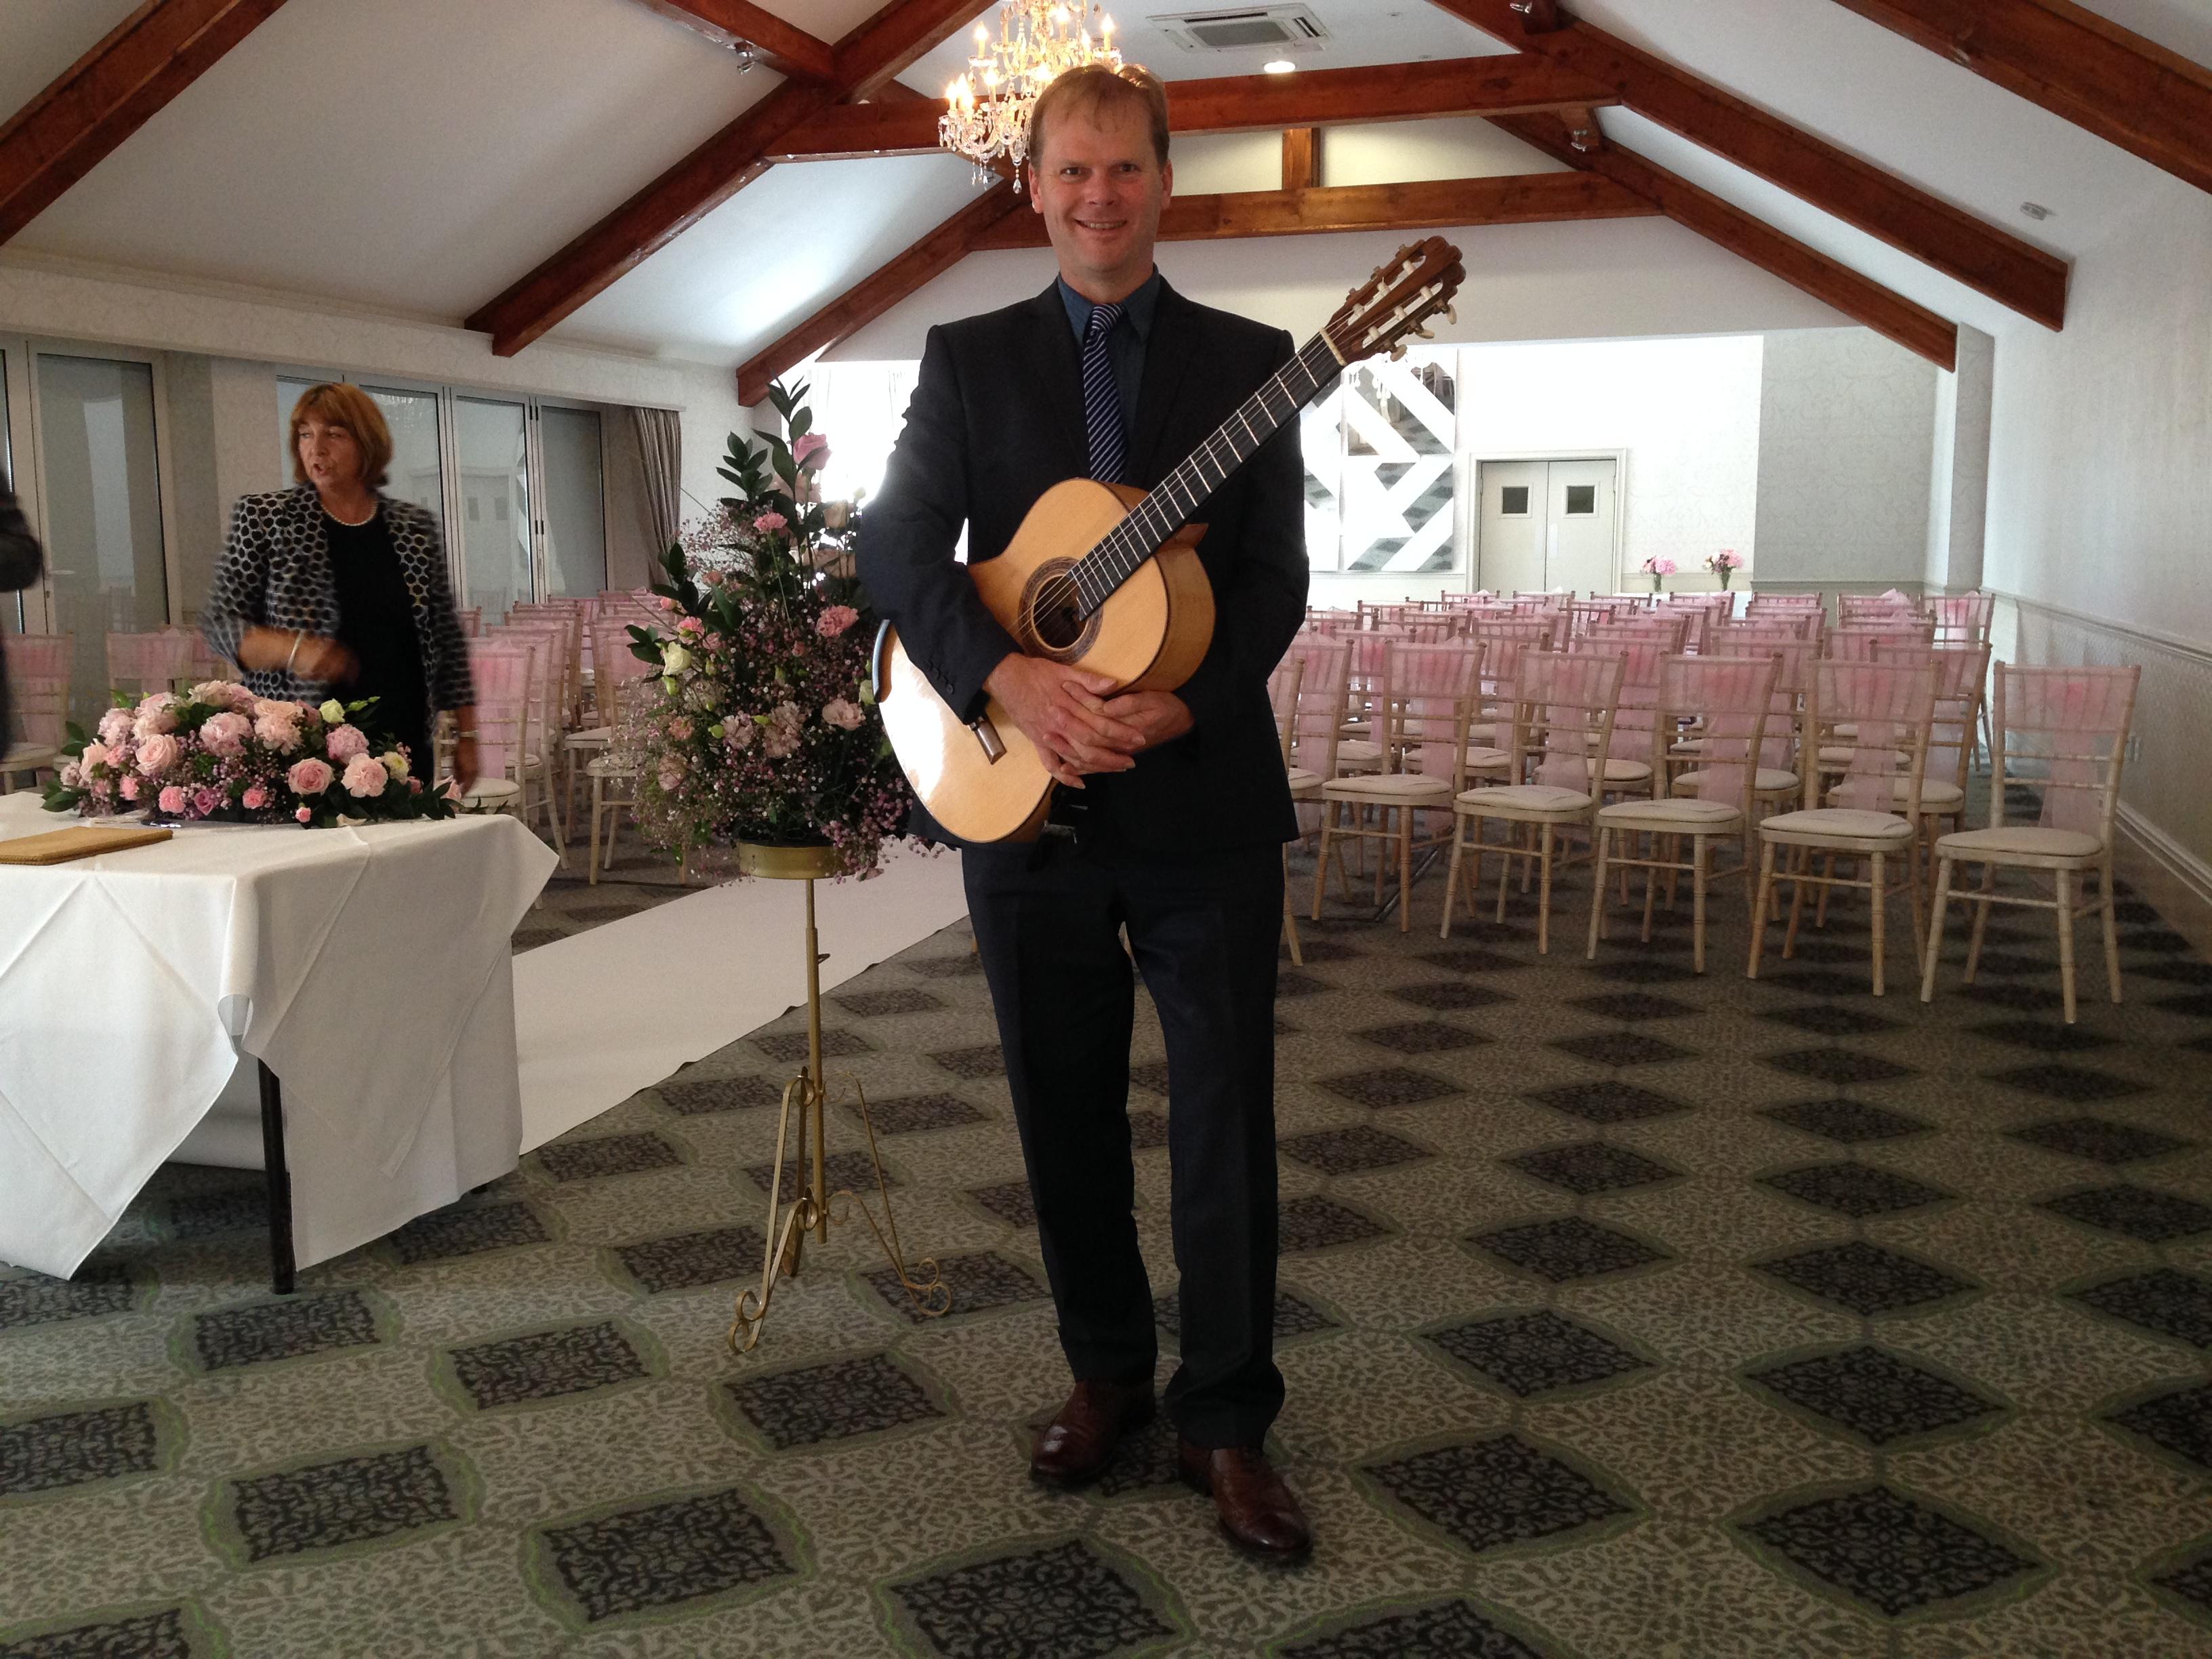 Guitarist at civil wedding ceremony